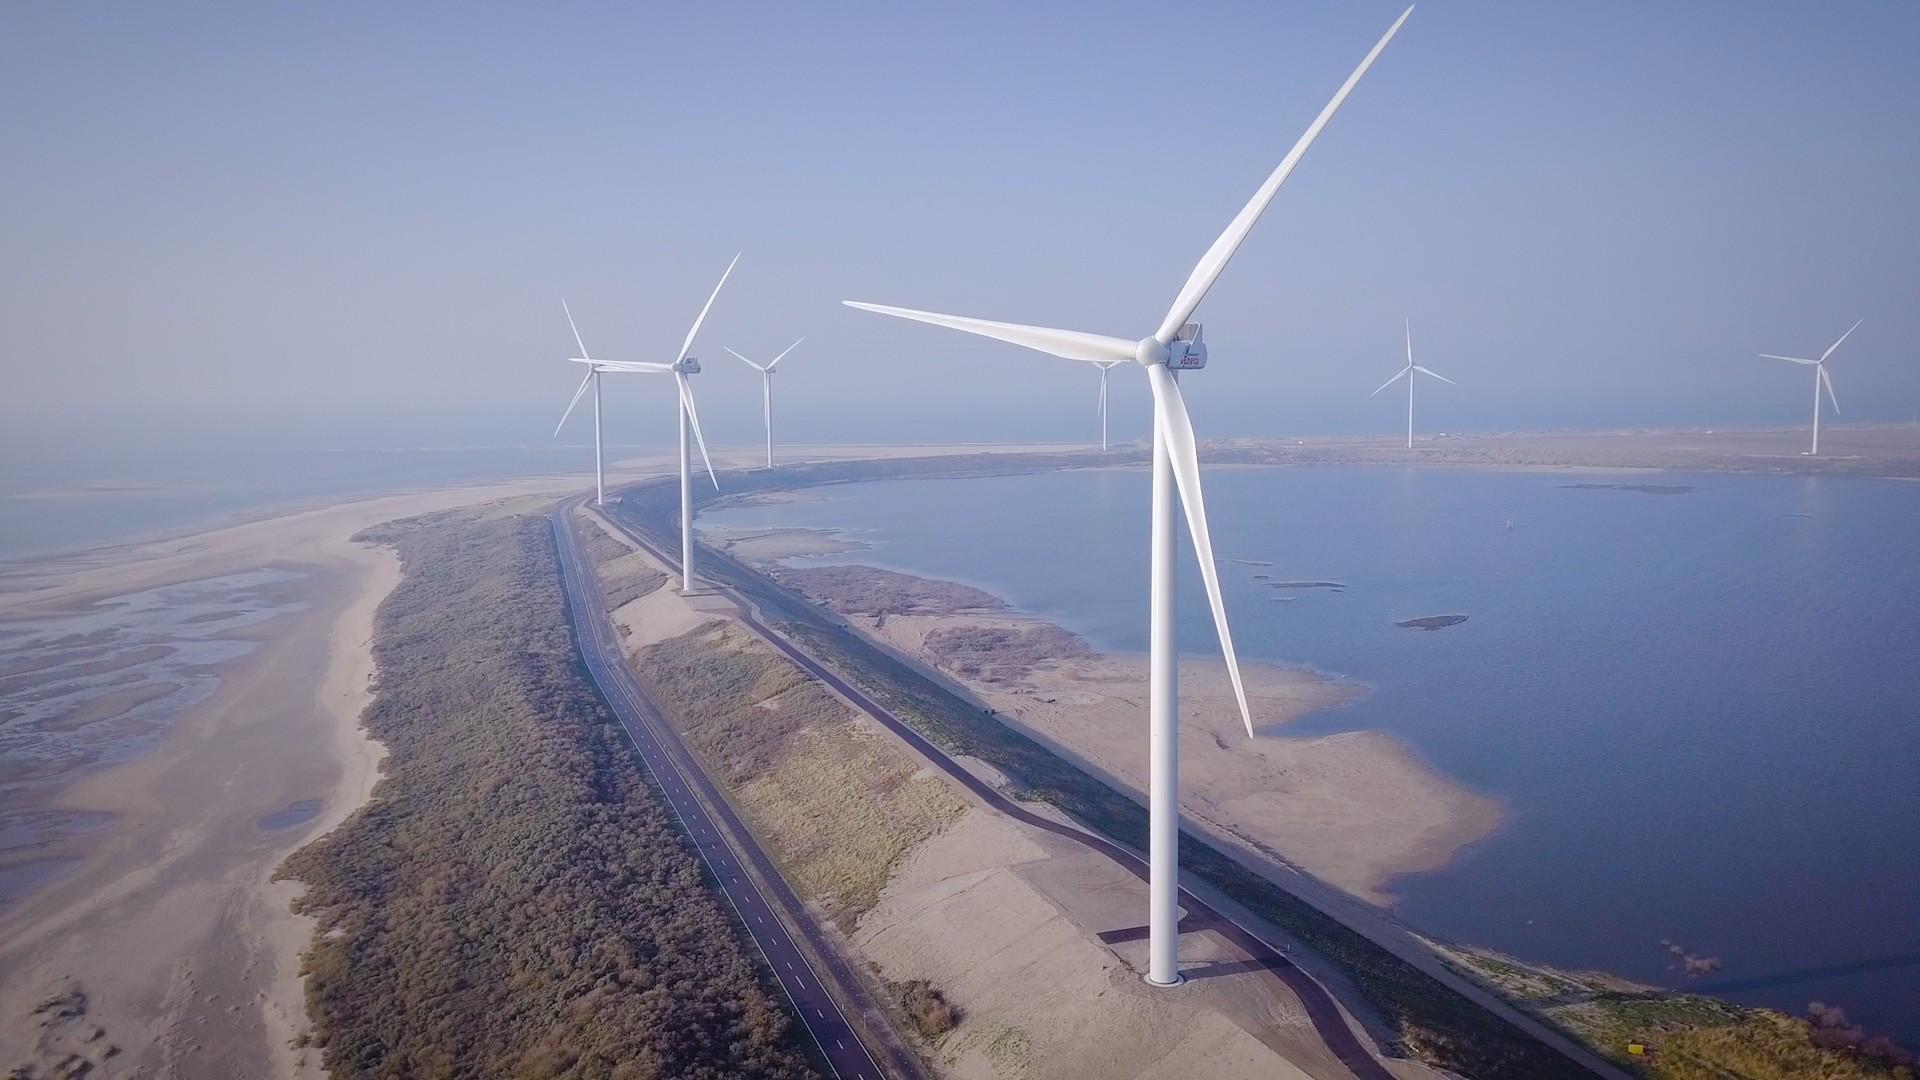 Eneco to develop wind farm on Maasvlakte 2